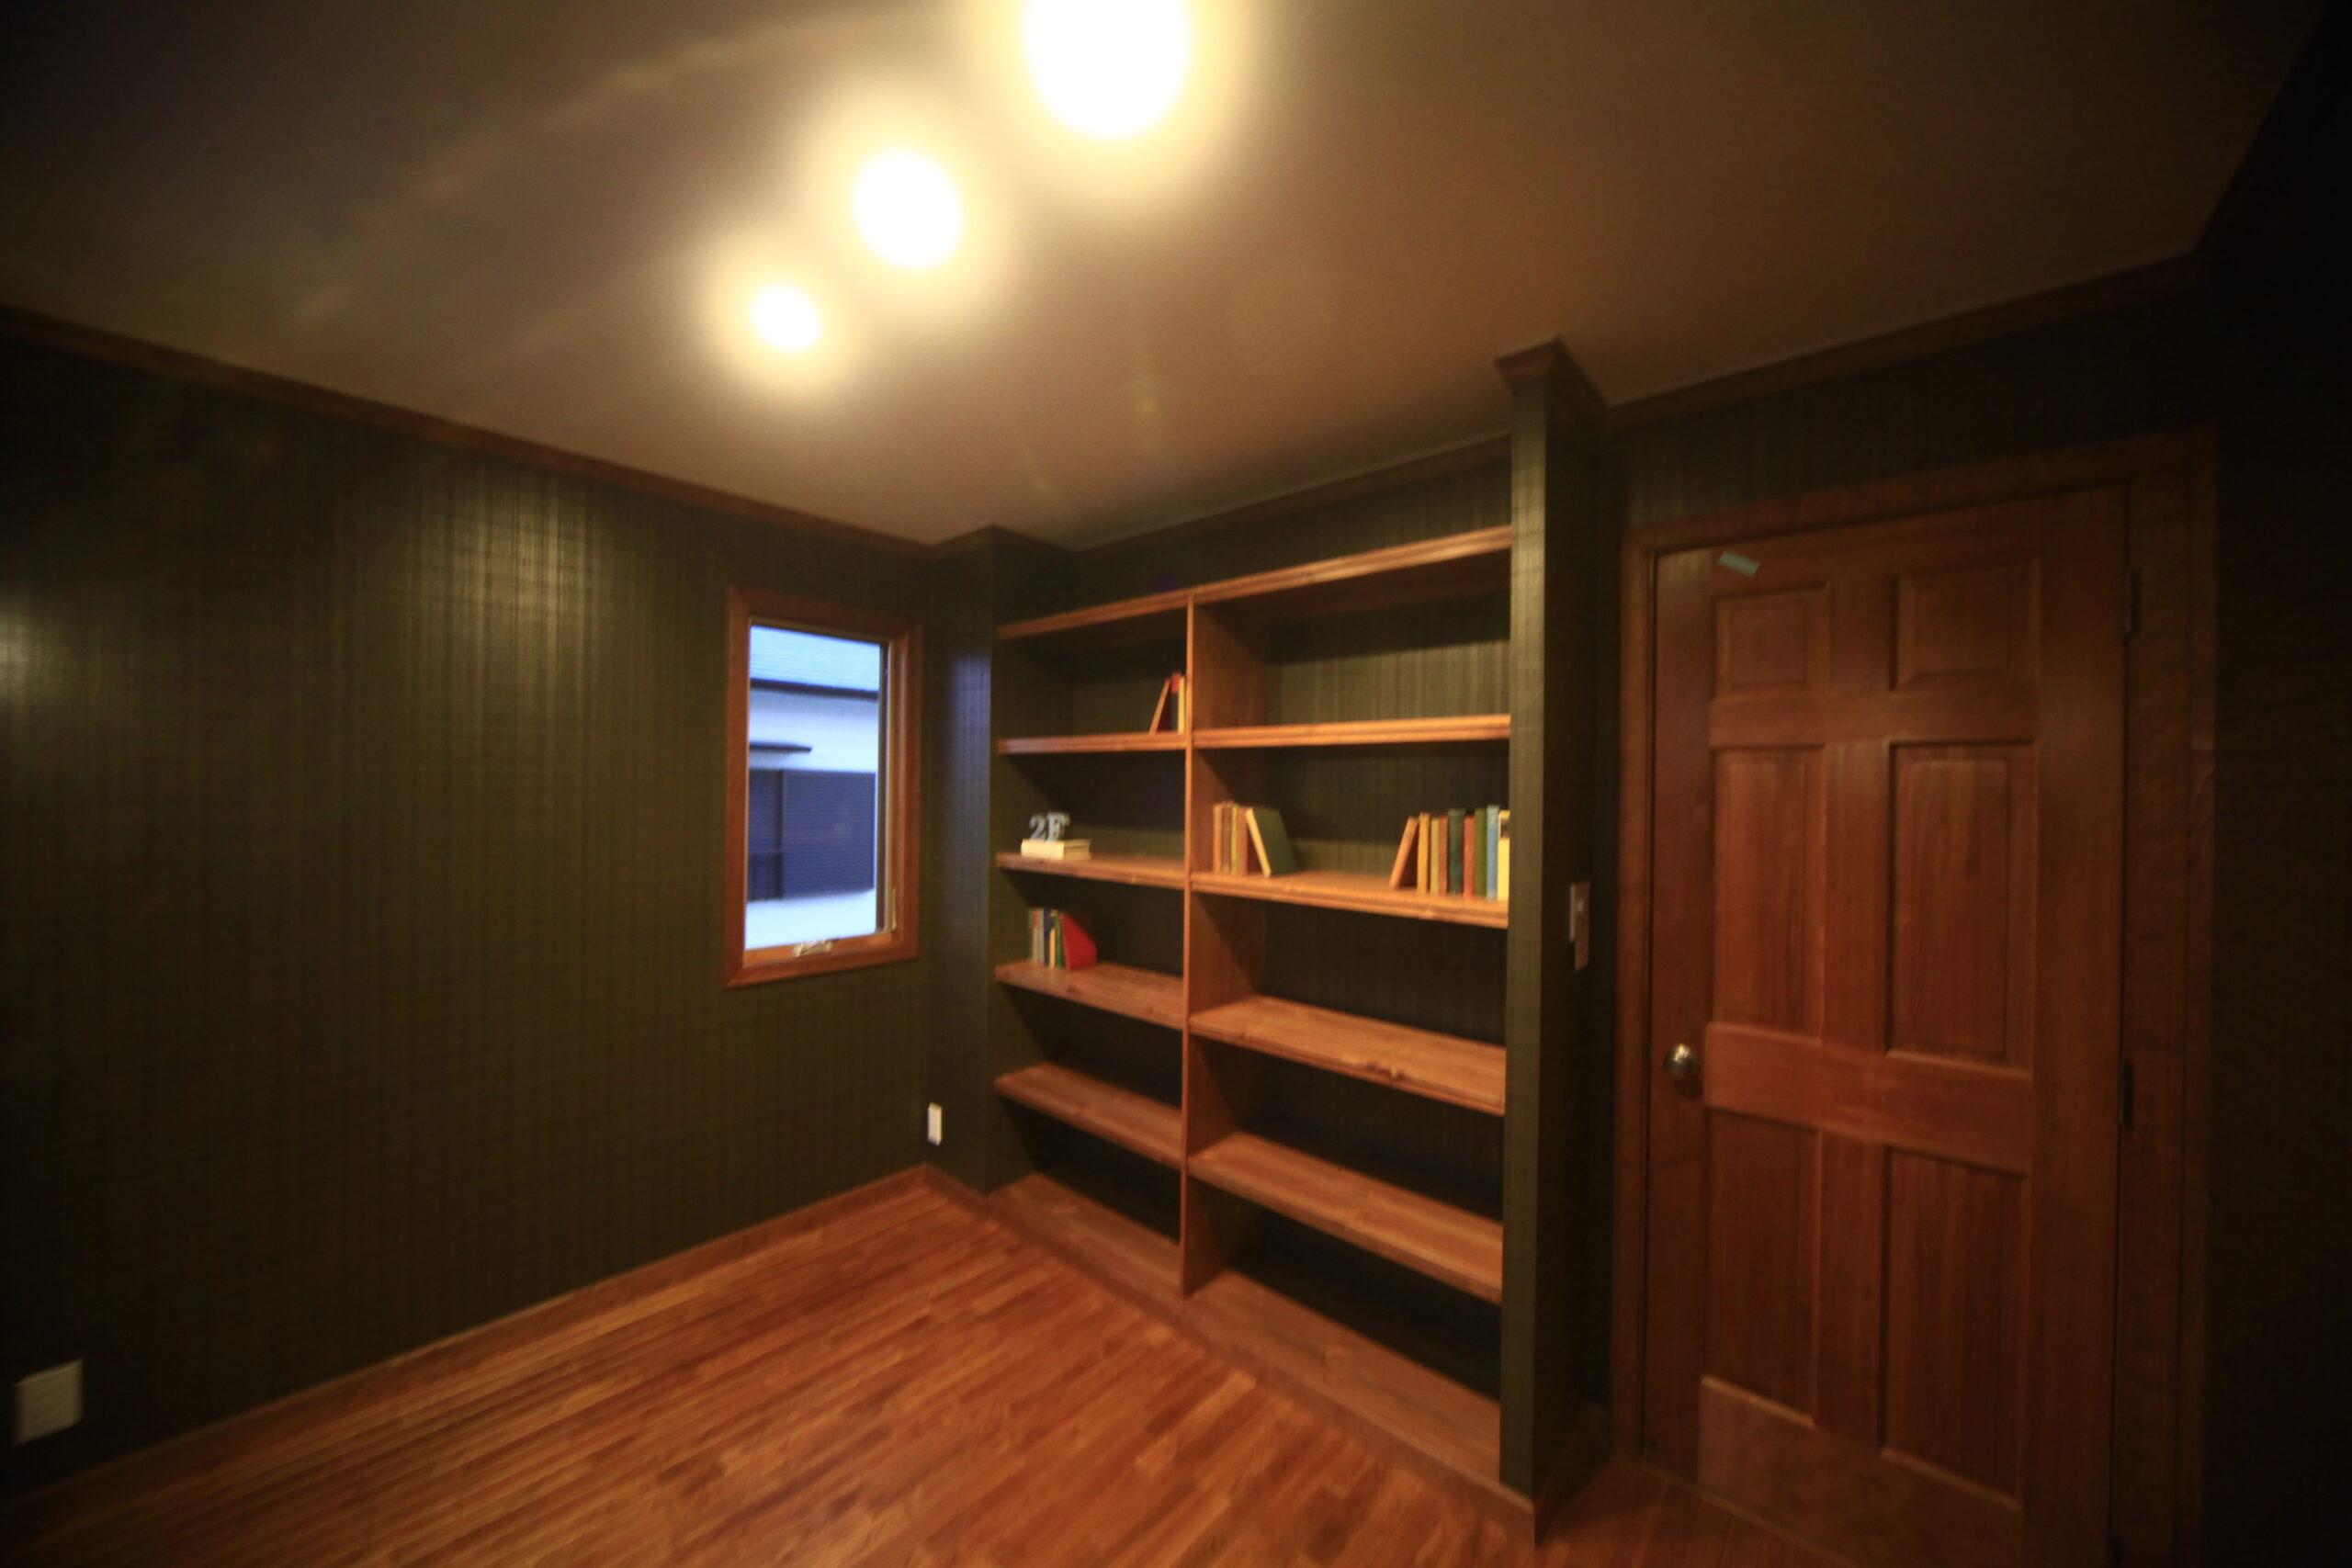 書斎。落ち着くグリーンと無垢の木肌をそのまま前面に出した、ダークな内装。